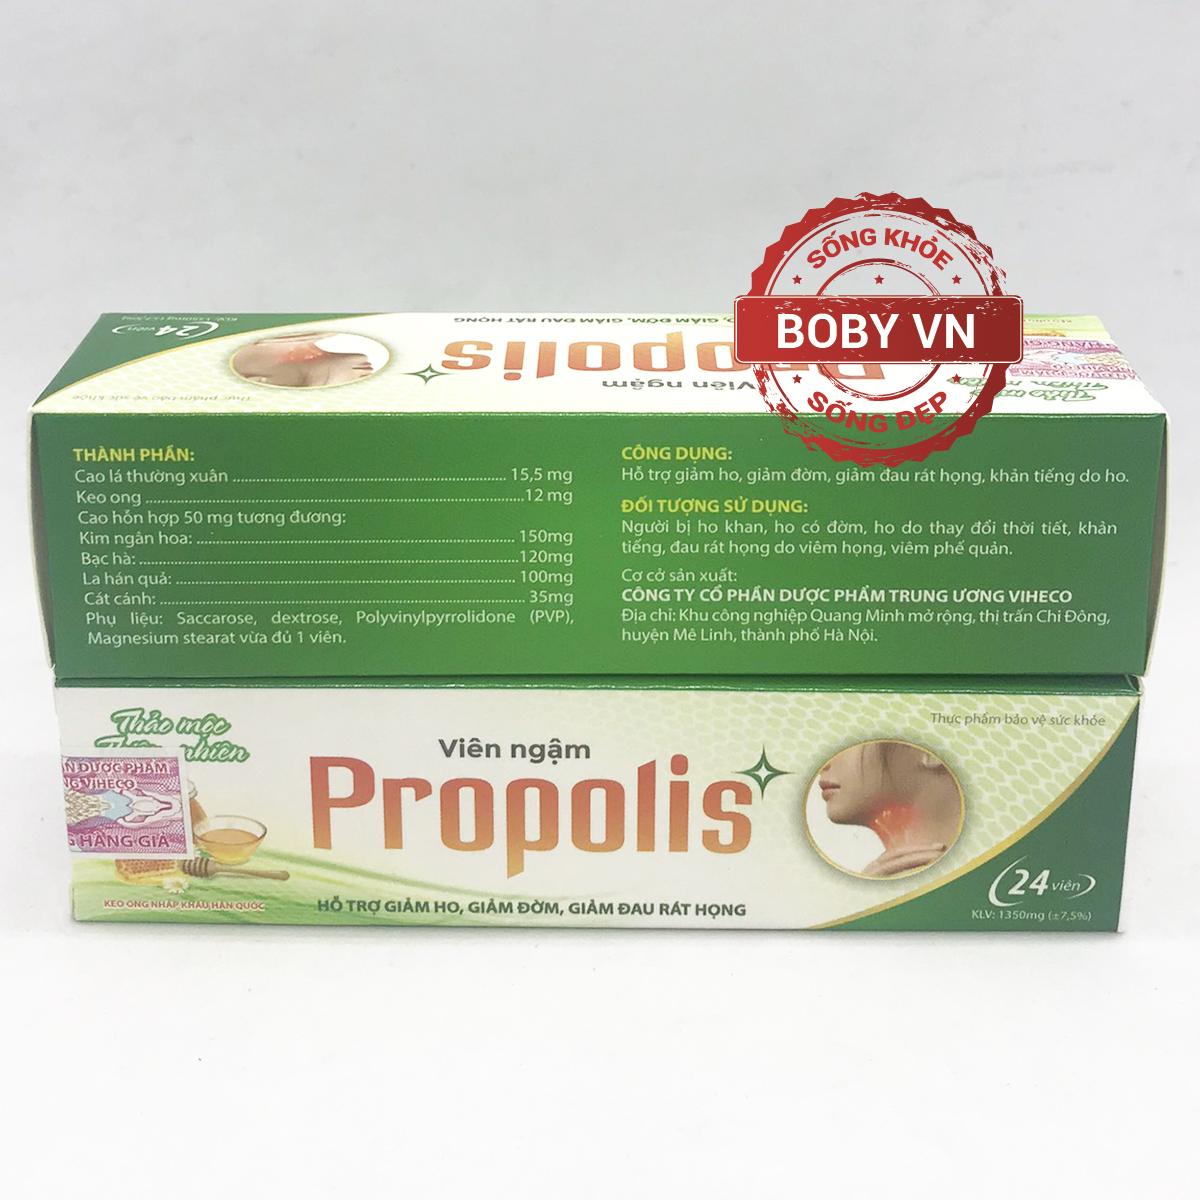 Viên ngậm giảm ho Propolis - Hỗ trợ giảm ho, giảm đờm, giảm đau rát họng (Hộp 24 viên)